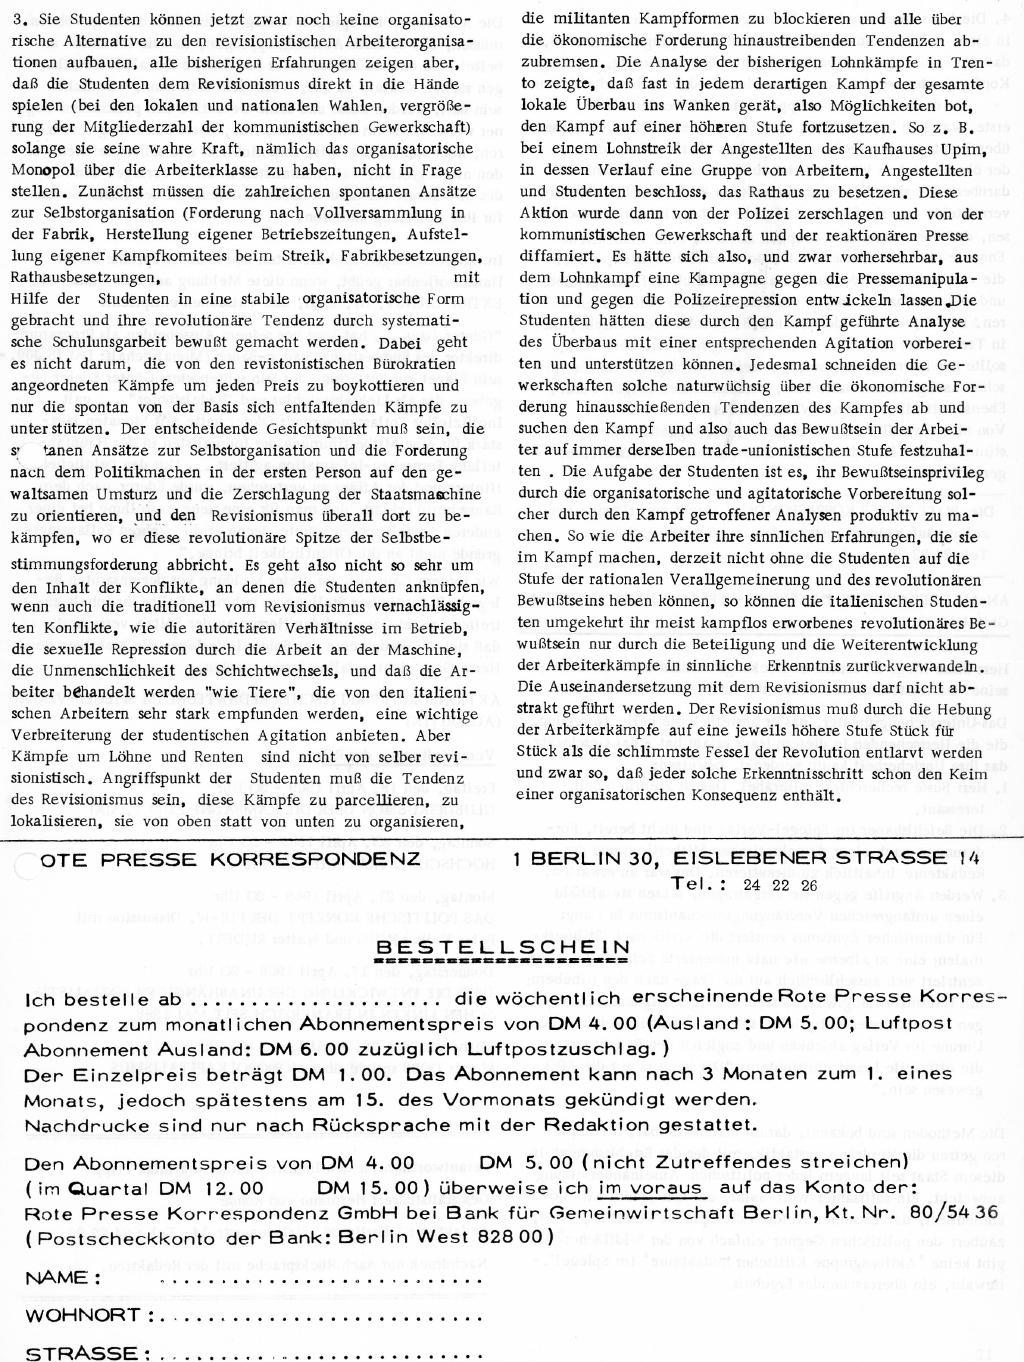 RPK_1969_009_11